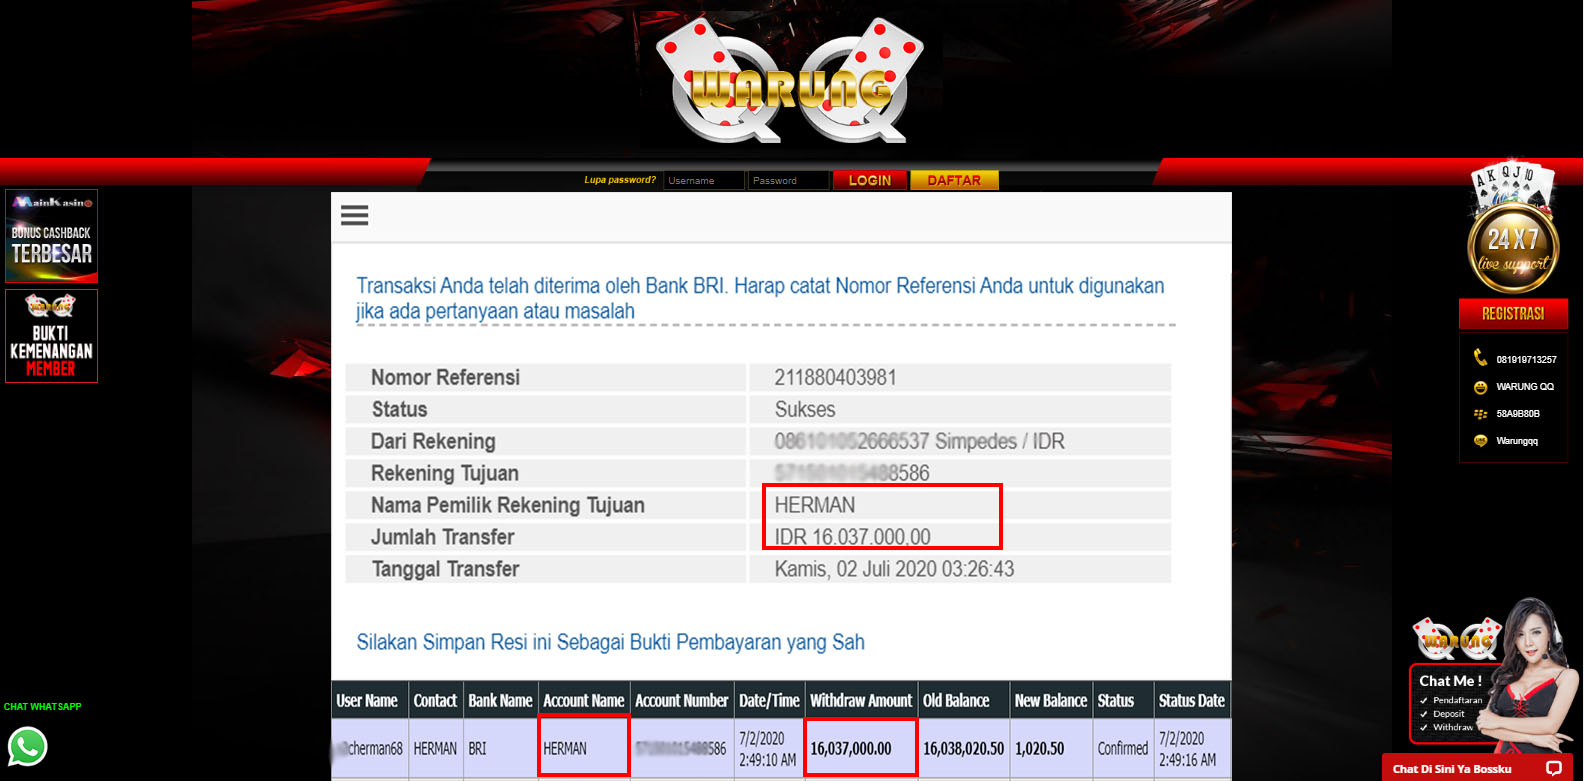 Selamat Kepada Member Setia WARUNGQQ Withdraw RP16.037.000